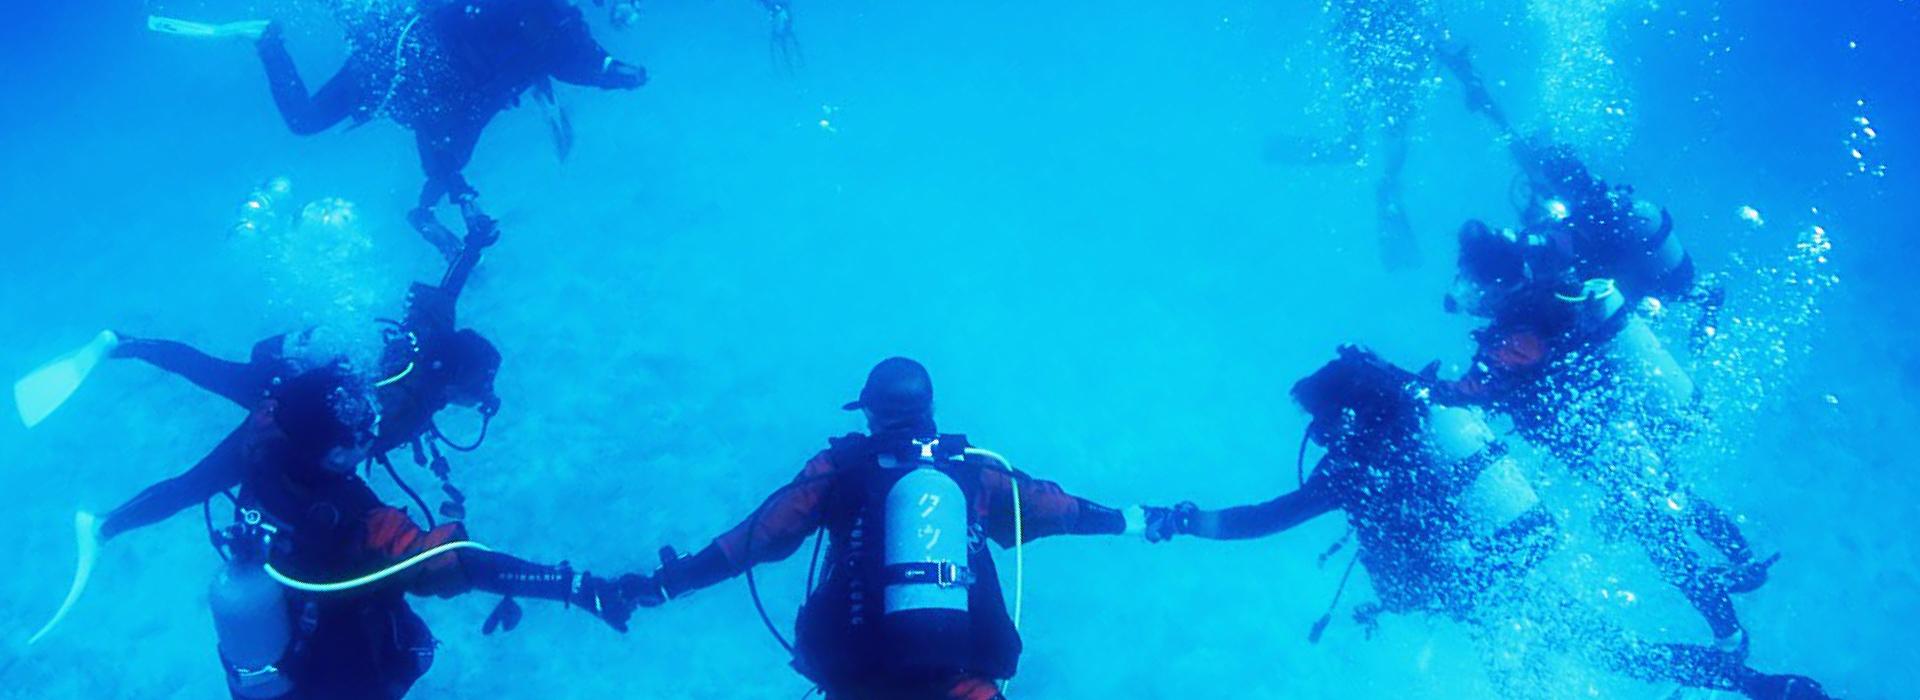 水中運動会ダイビング